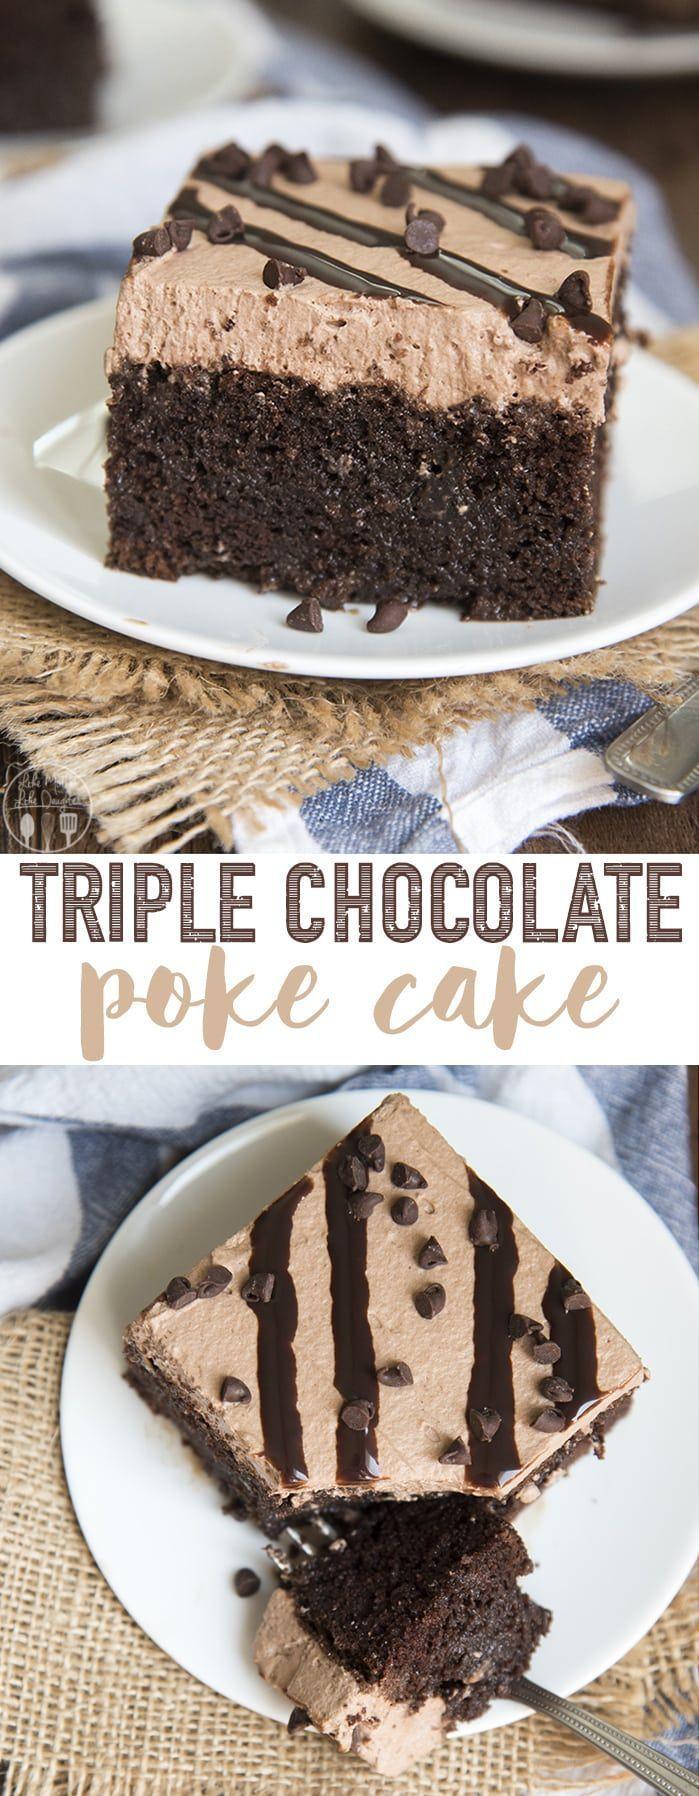 Dieser Schokoladenkuchen ist ein reichhaltiger und dekadenter Schokoladenkuchen, der mit ... -